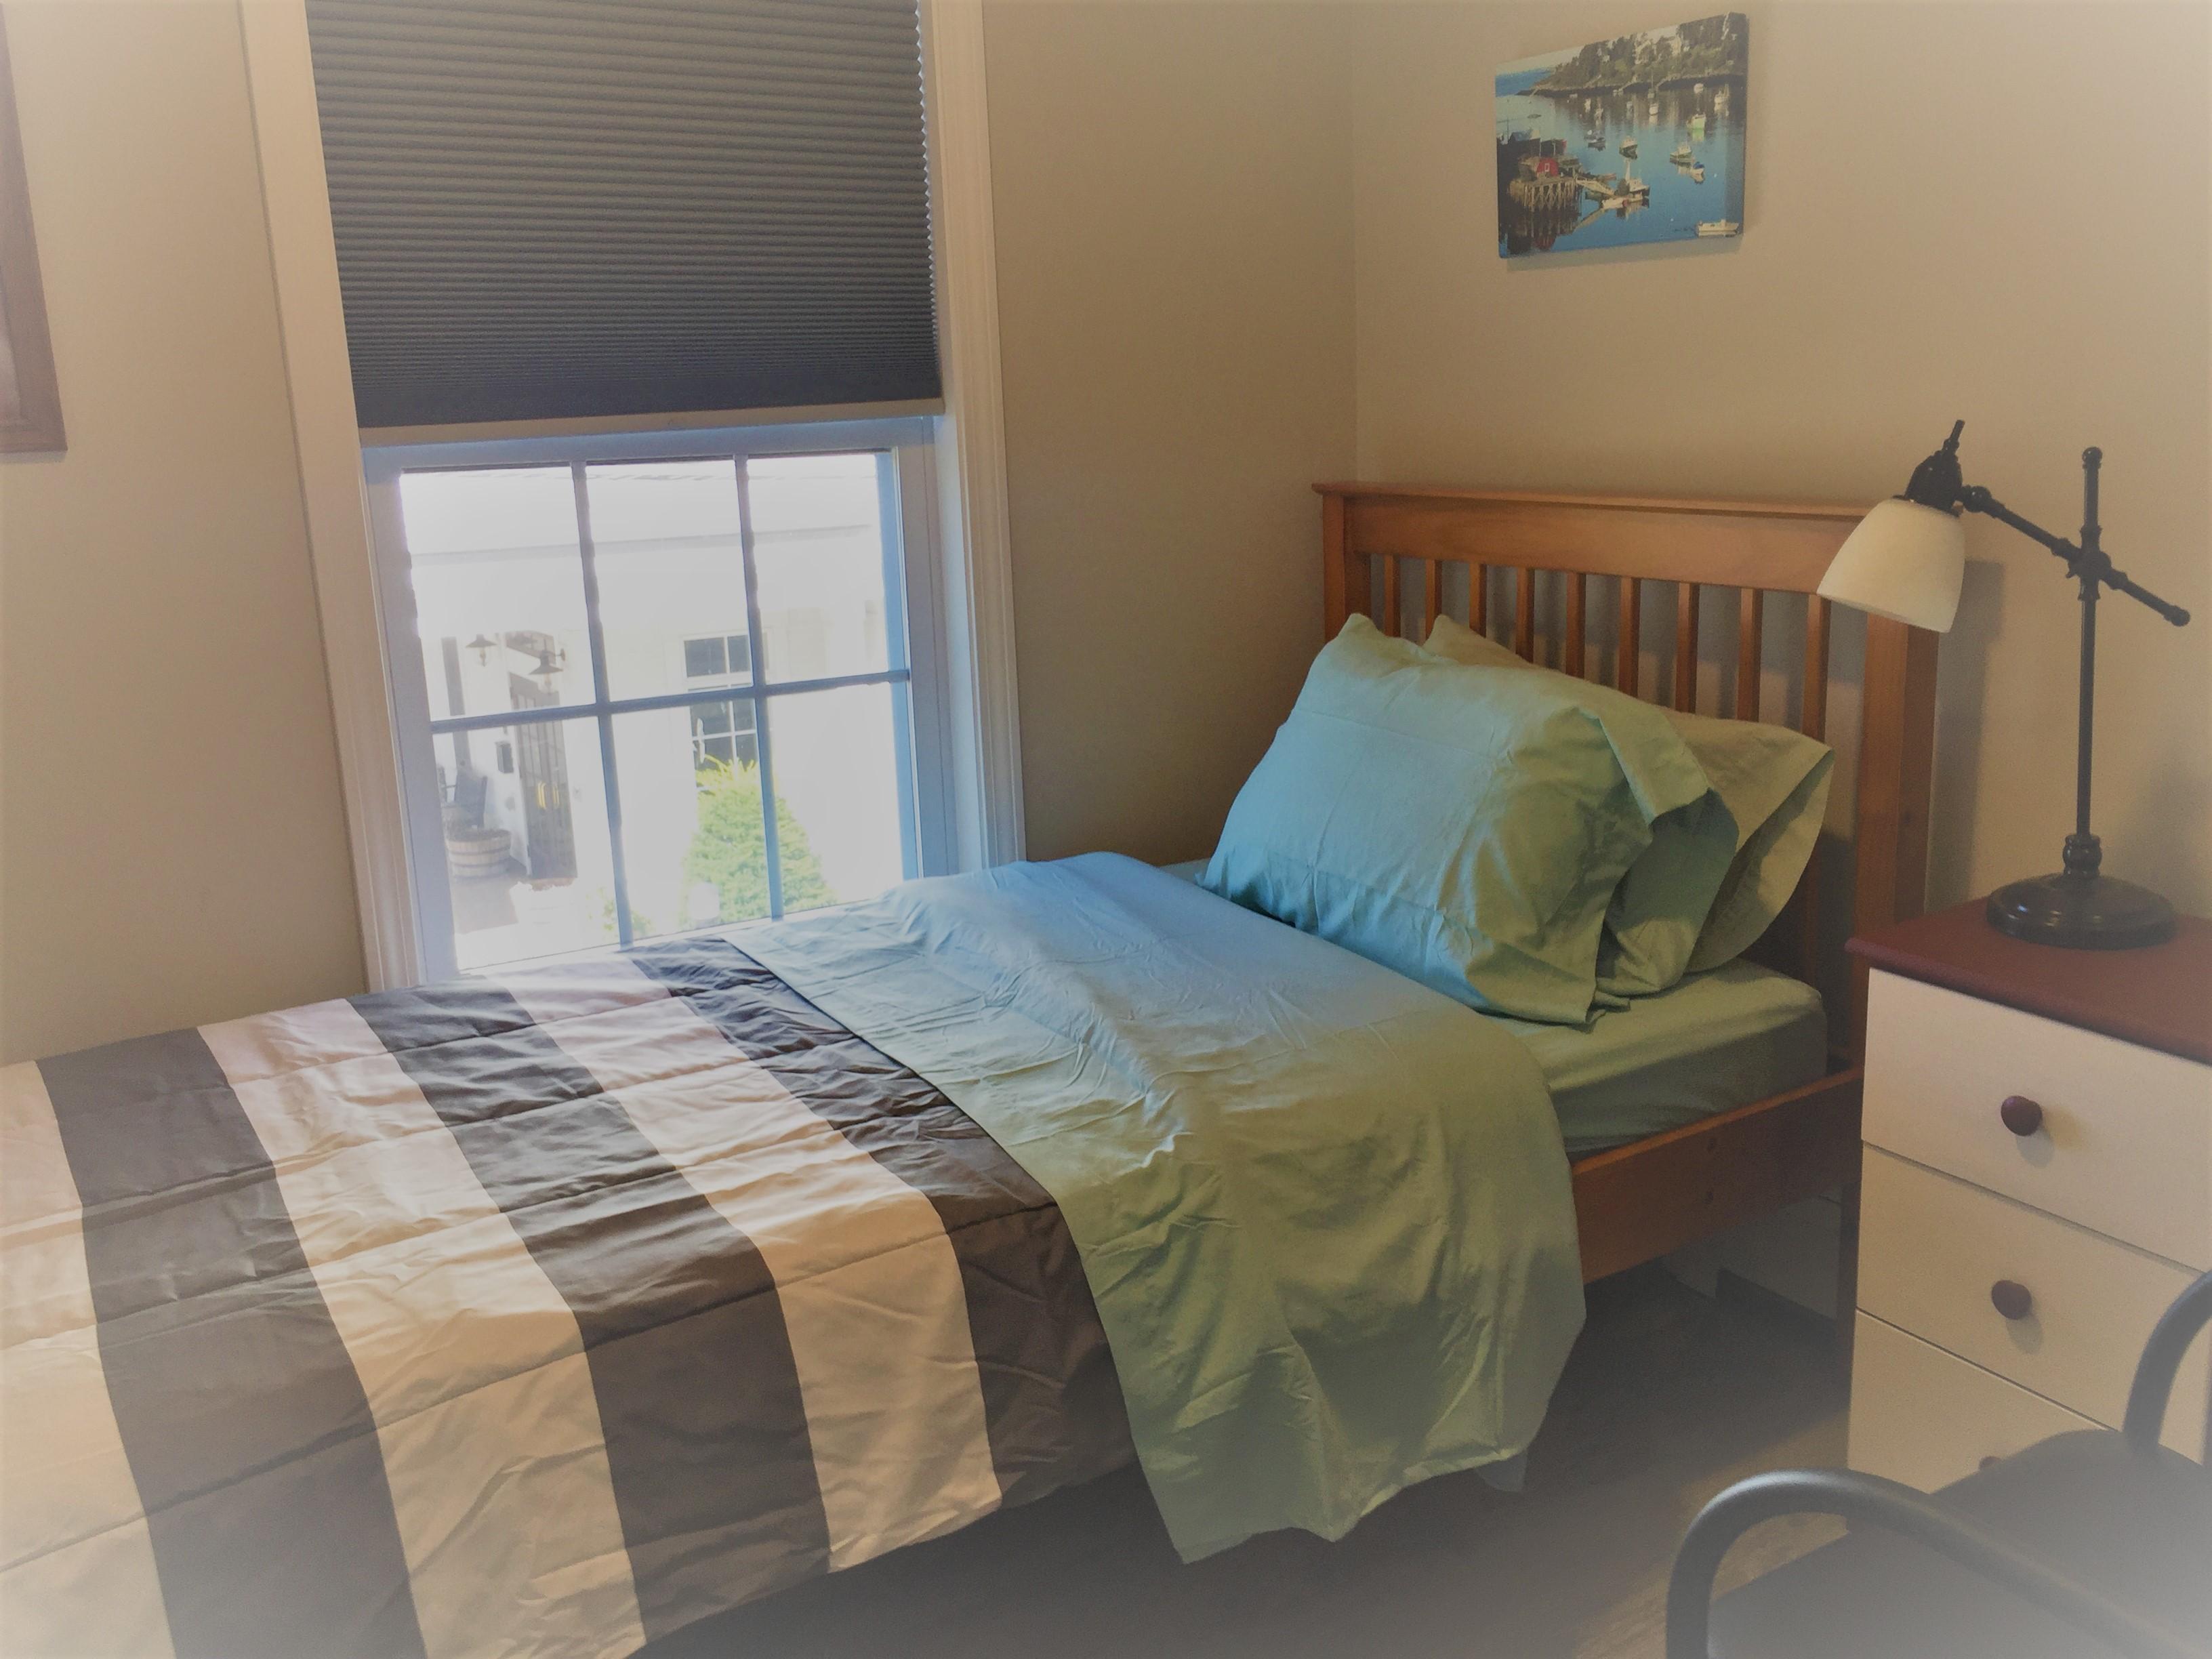 Room 2E